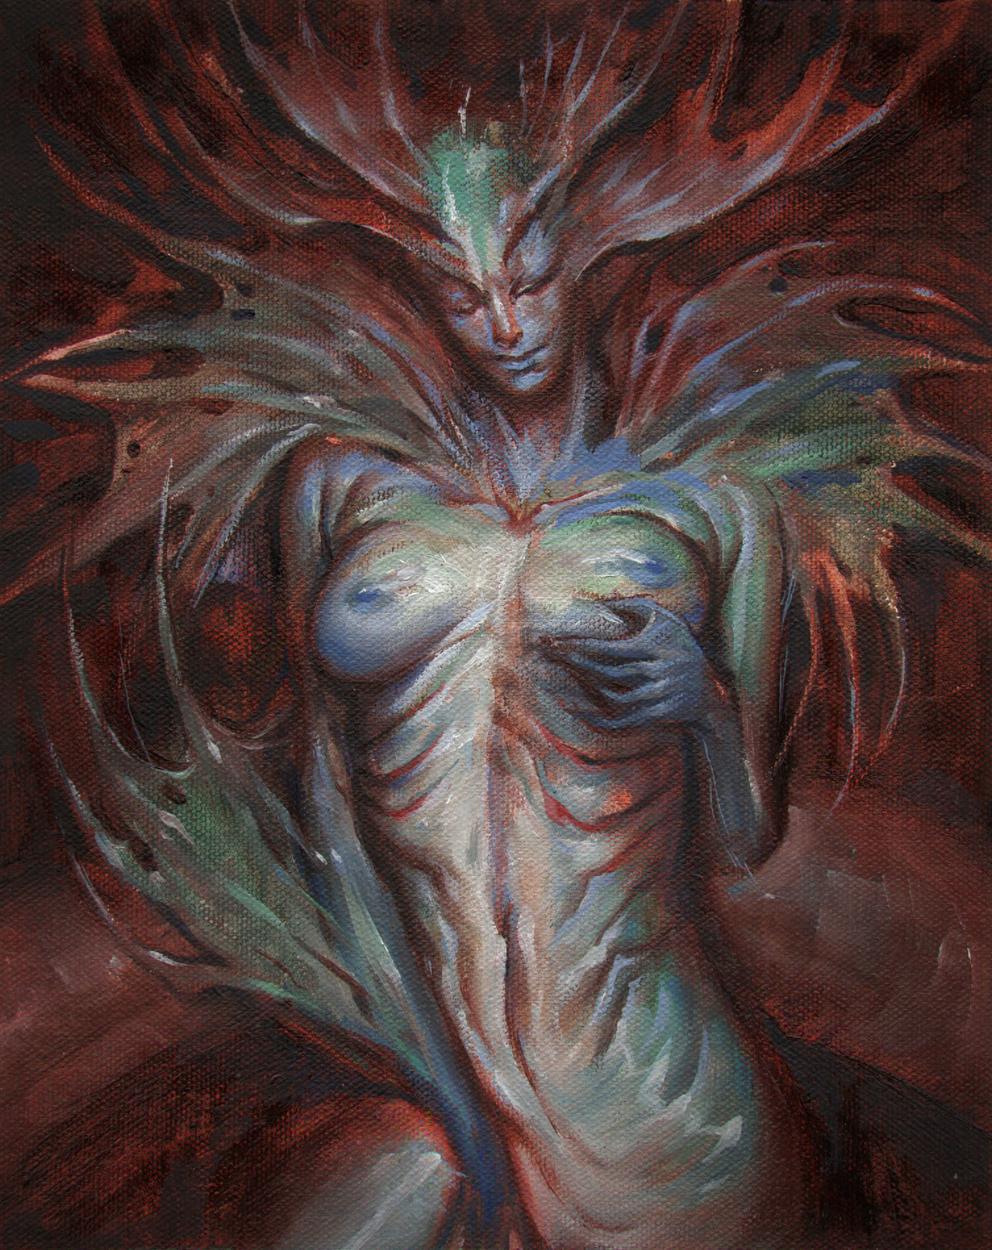 Mermaid Artwork by Taylor Fischer